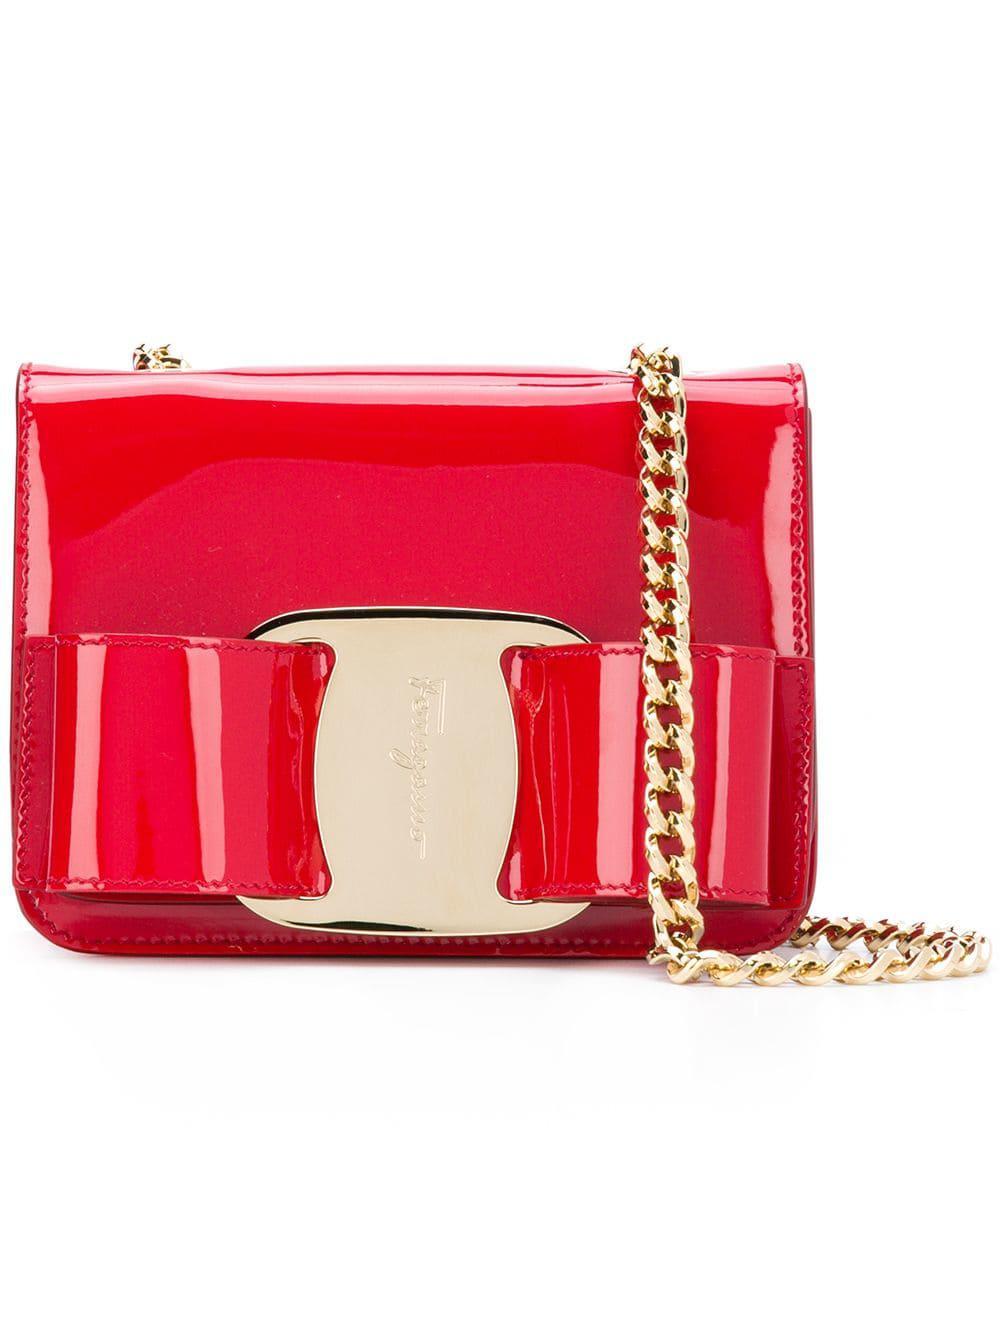 Lyst - Ferragamo Vara Mini Shoulder Bag in Red - Save ... 49ddb6bfef23a